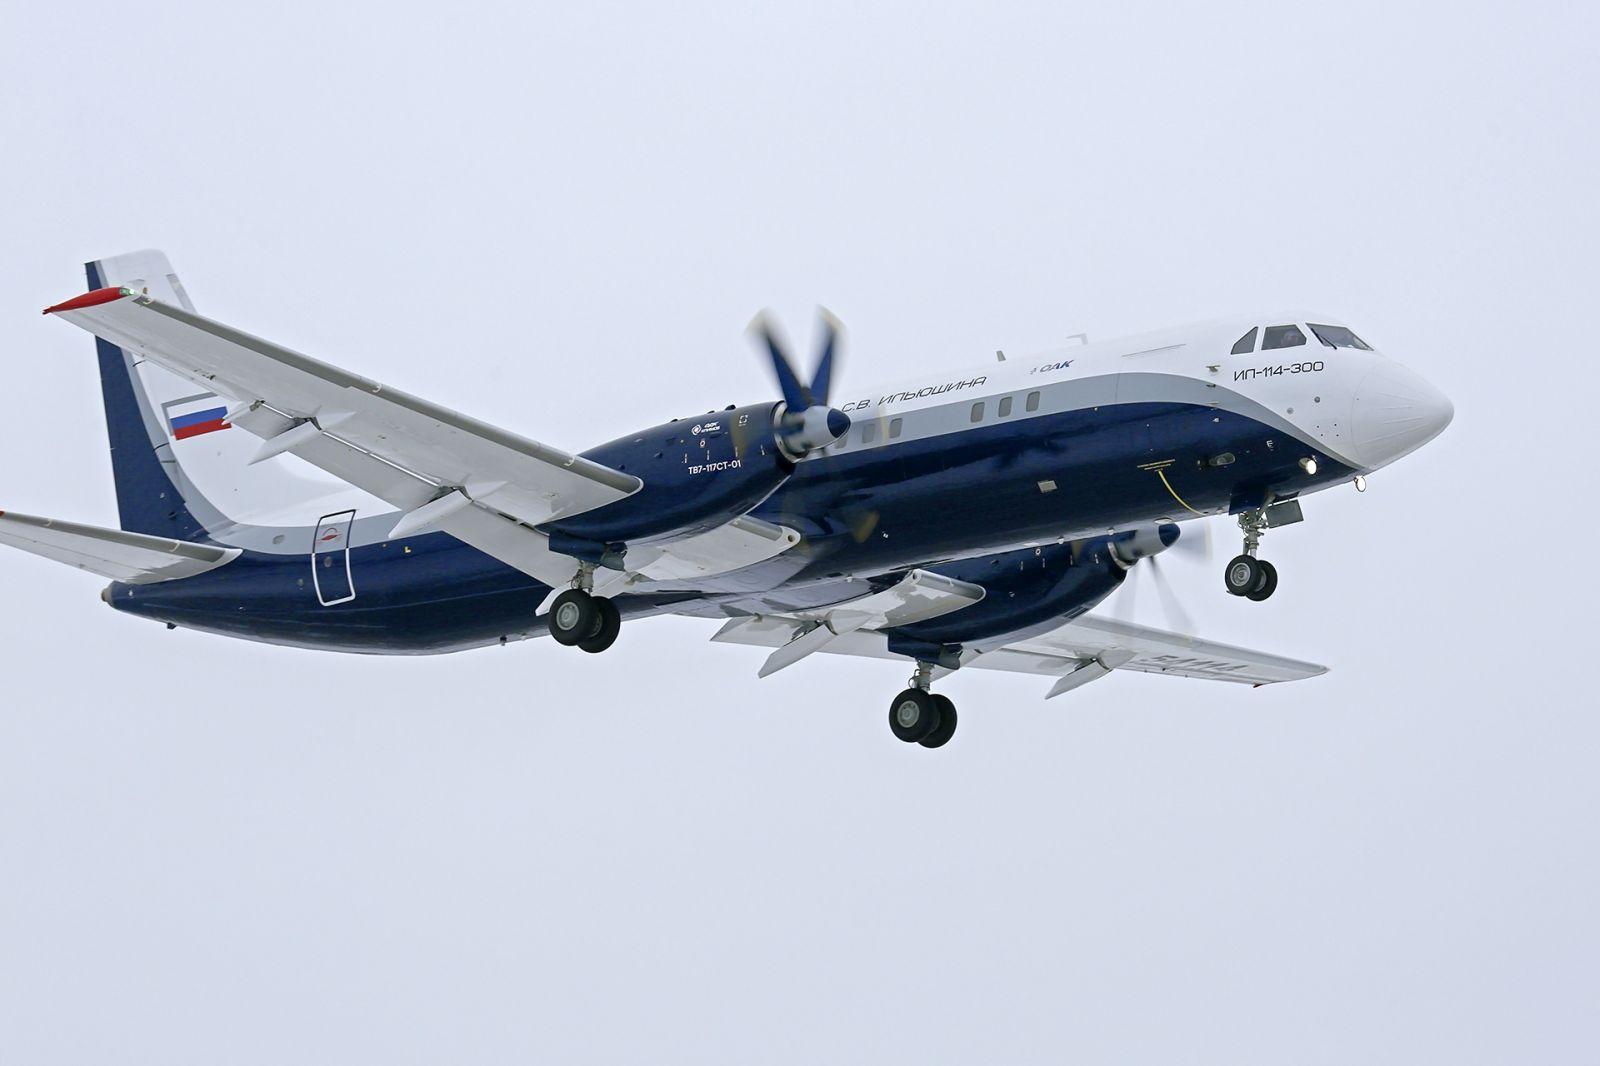 """МАКС-2021: """"Аврора"""" възнамерява да поръча 19 регионални самолета Ил-114-300"""